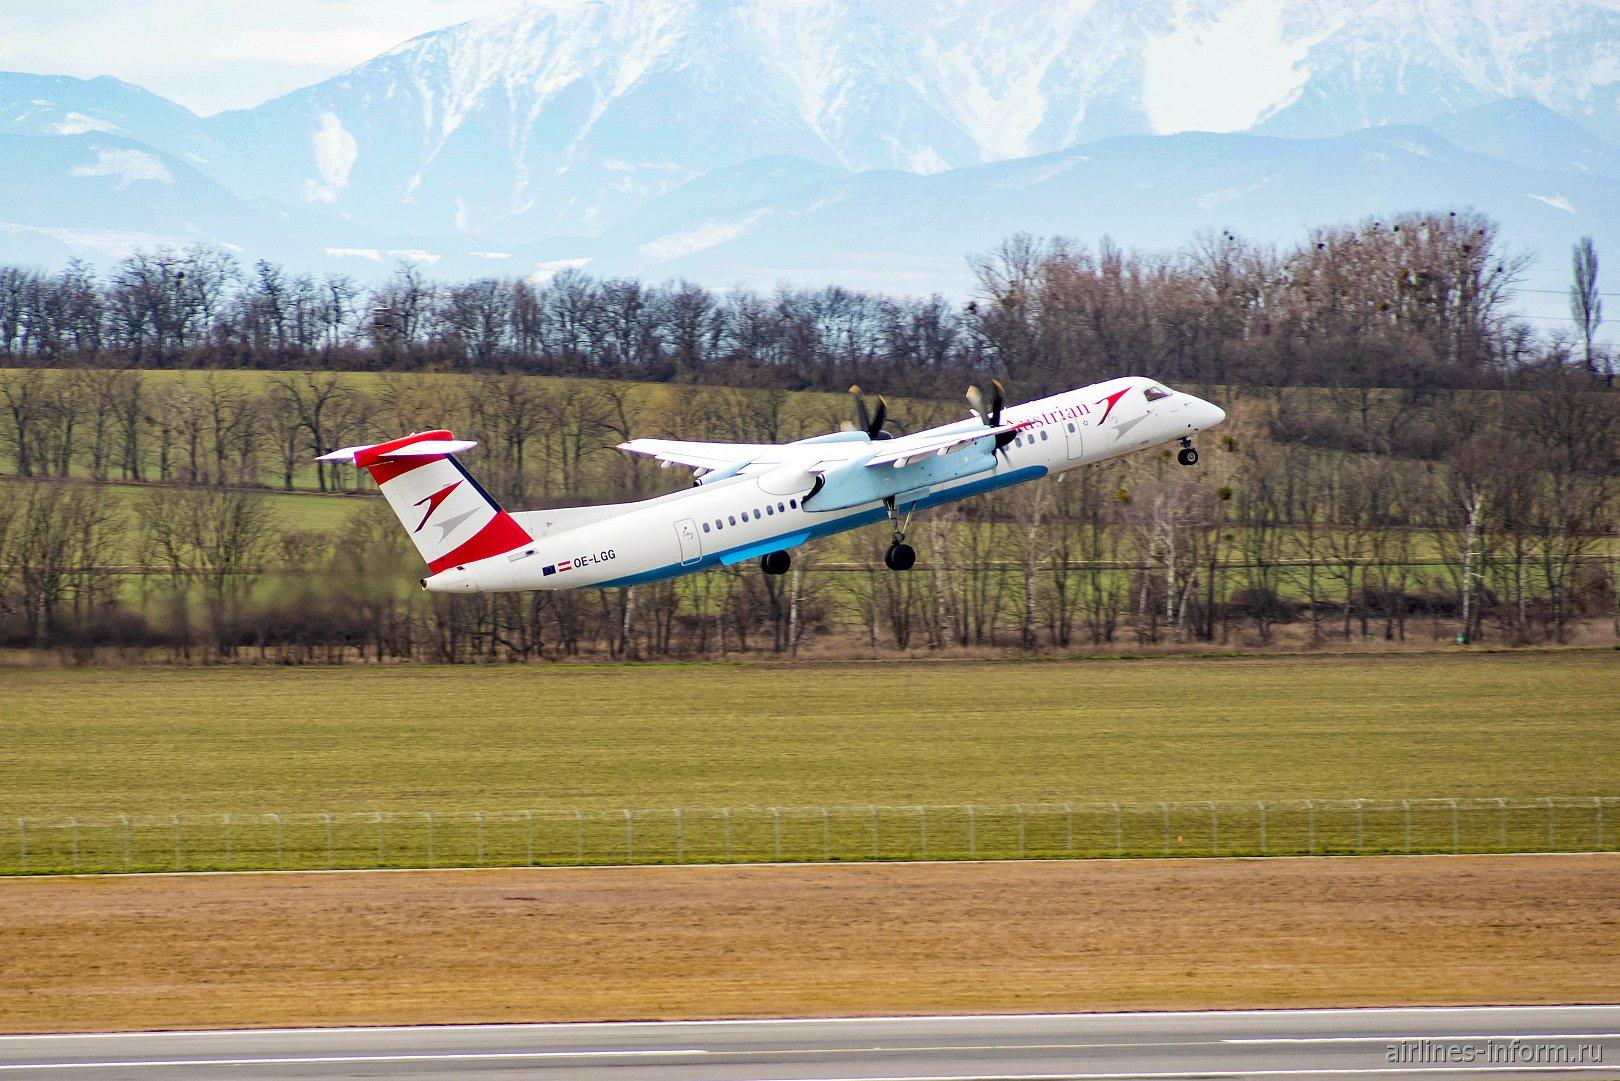 Взлет самолета Bombardier Dash 8 Q400 OE-LGG авиакомпании Austrian в аэропорту Вены